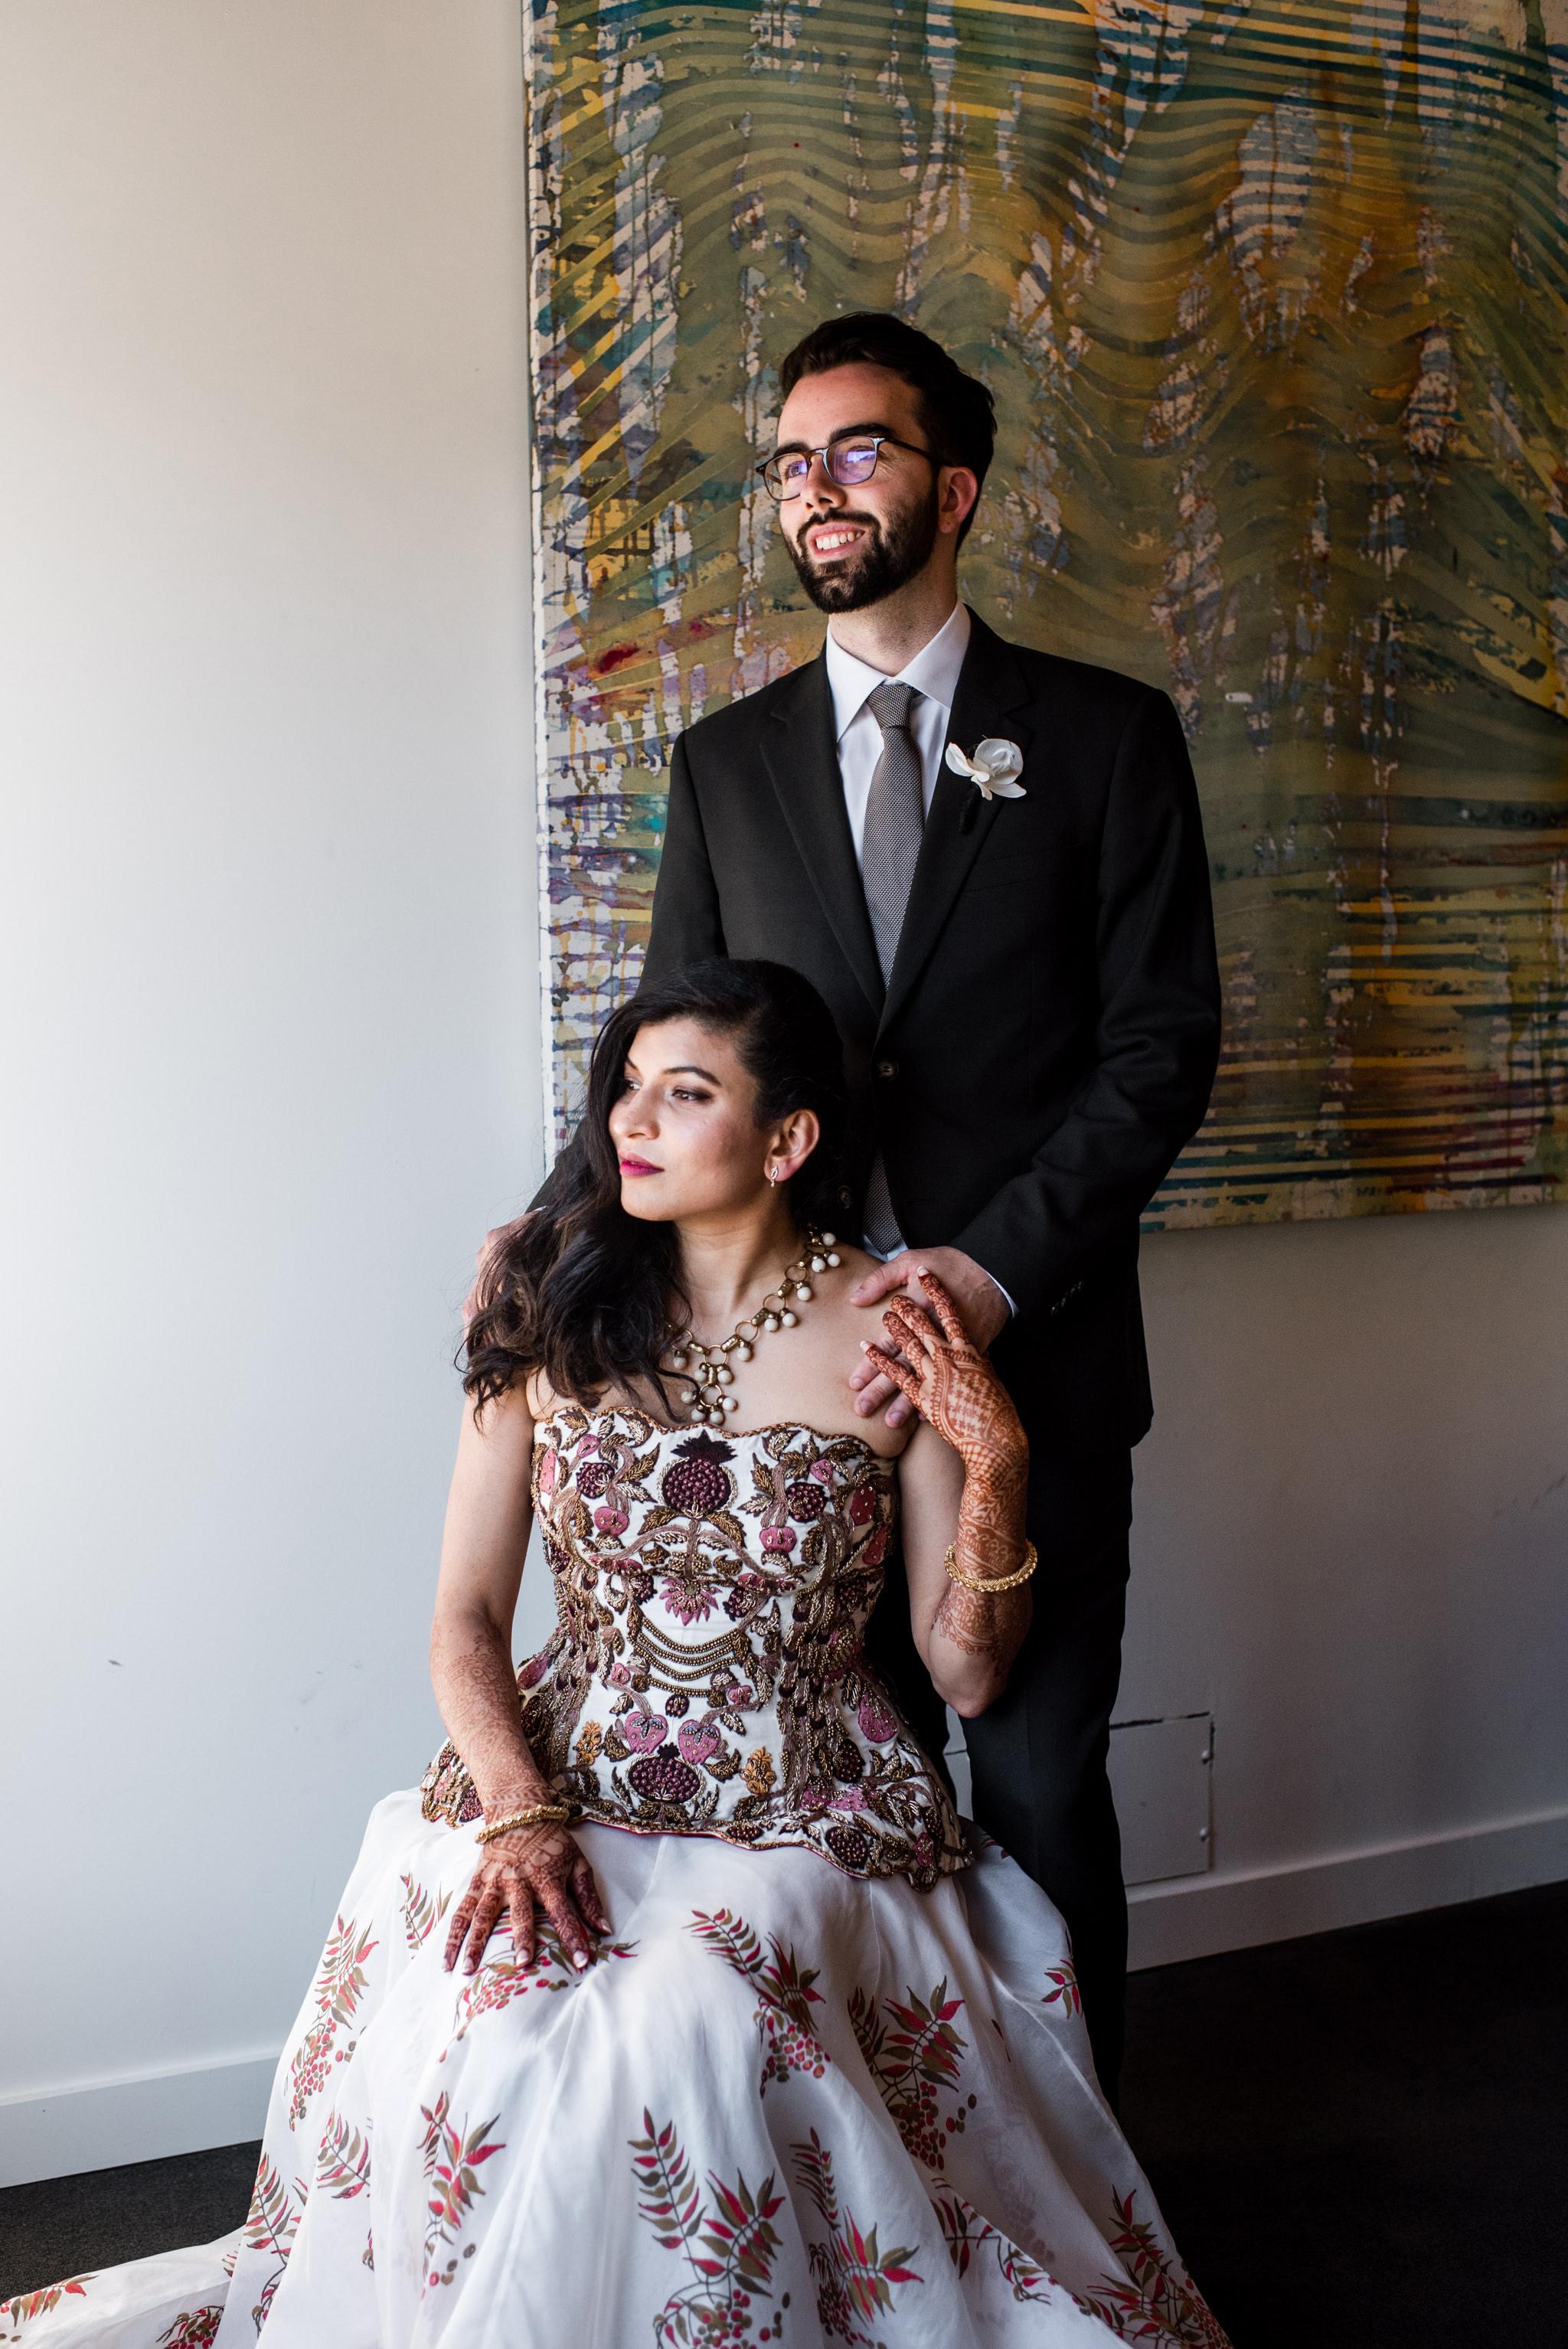 088-bride-groom-wedding-photos-hotel-ocho-pre-ceremony-toronto.jpg